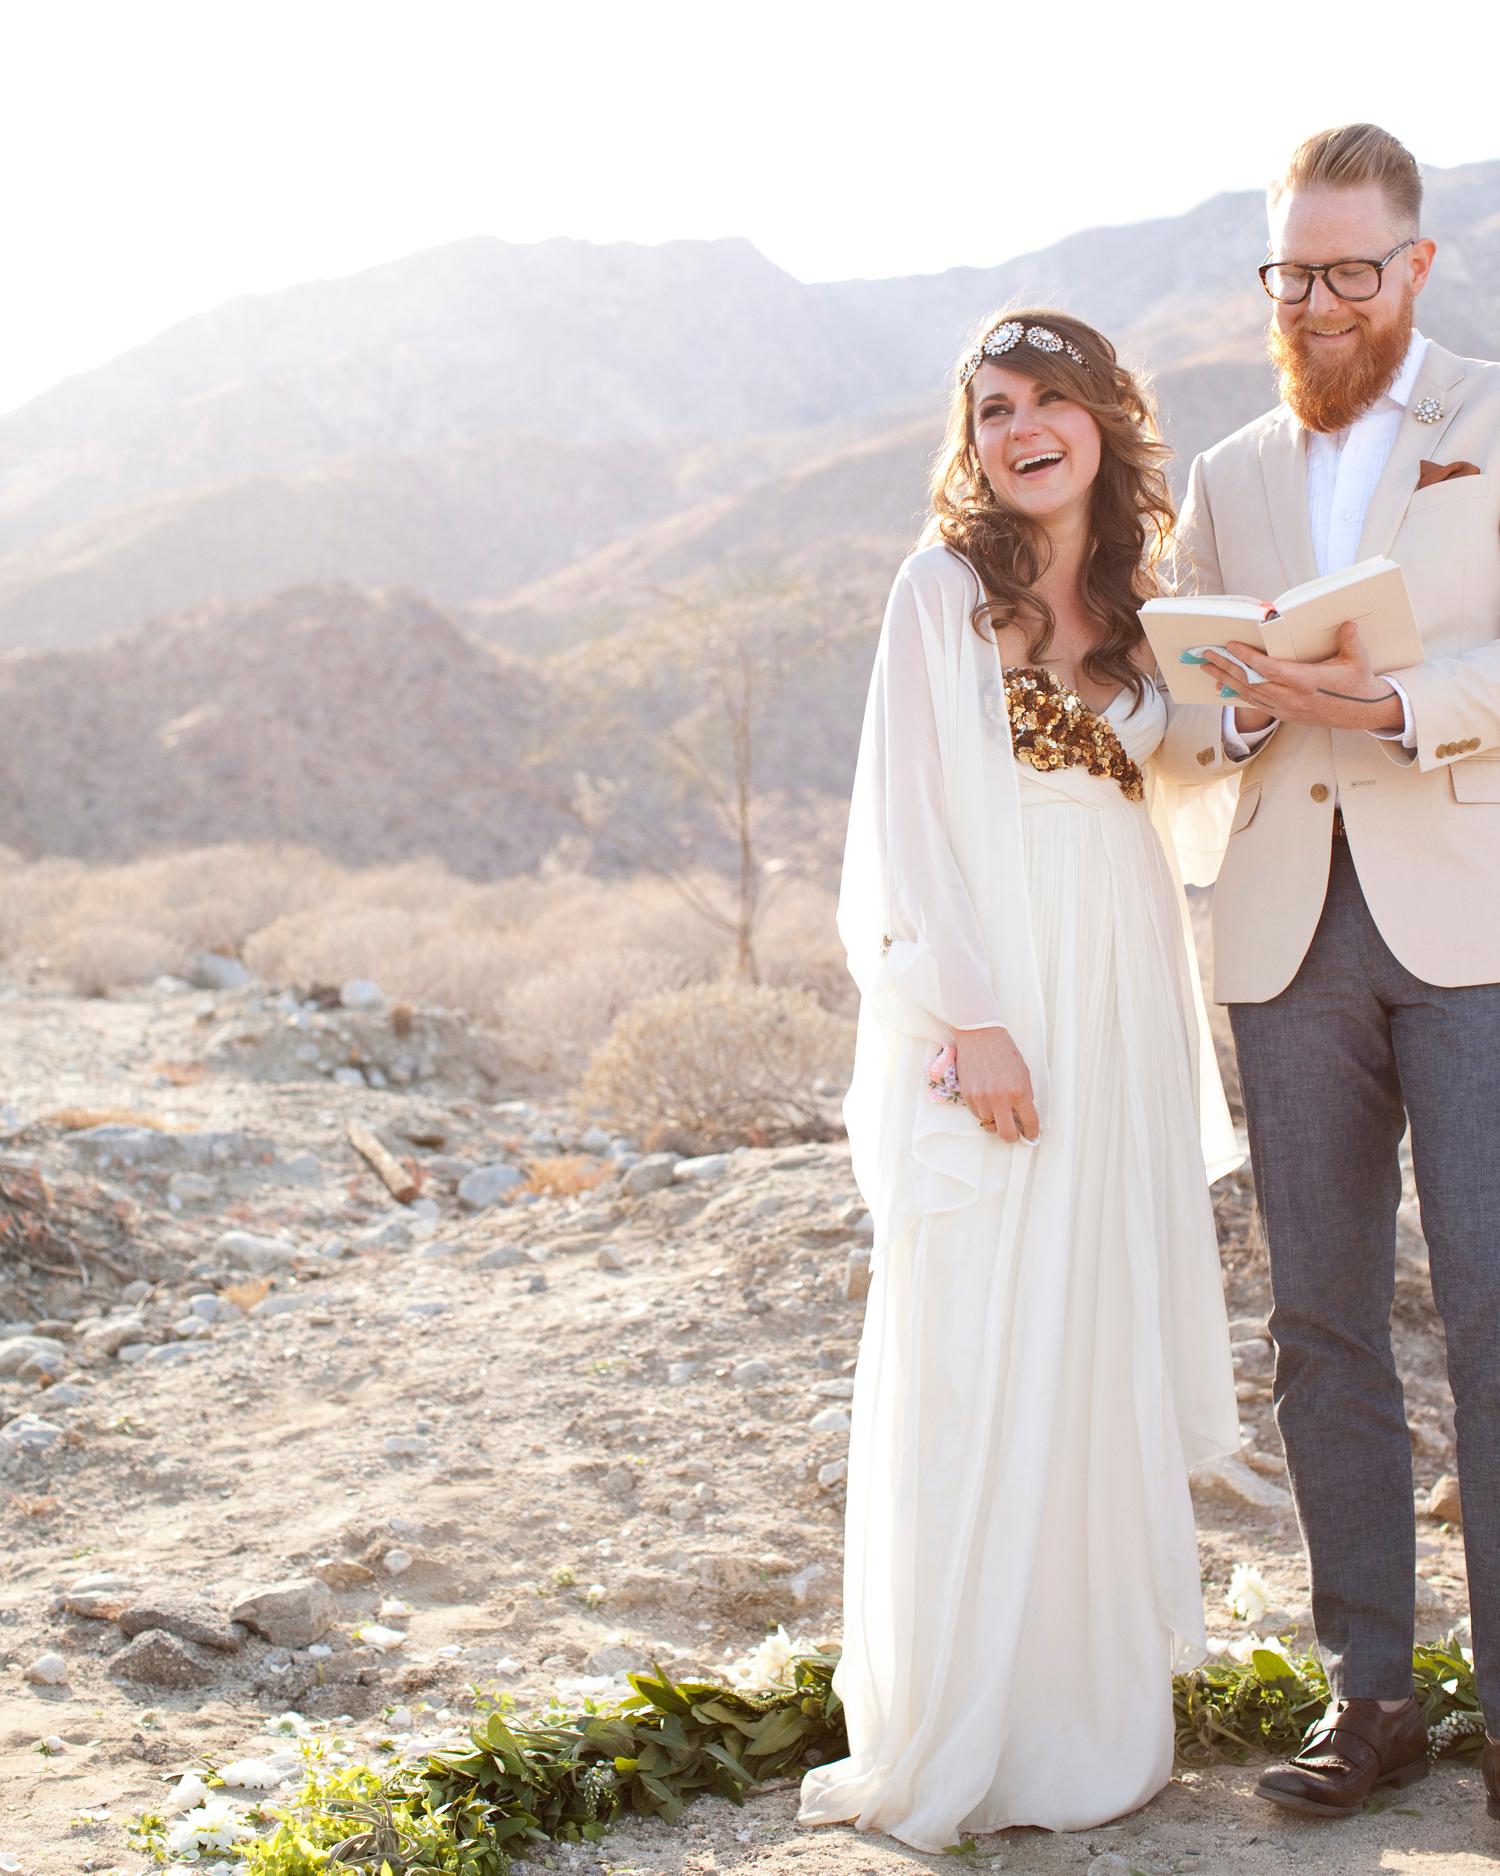 edyta-jared-wedding-0126-d110939.jpg